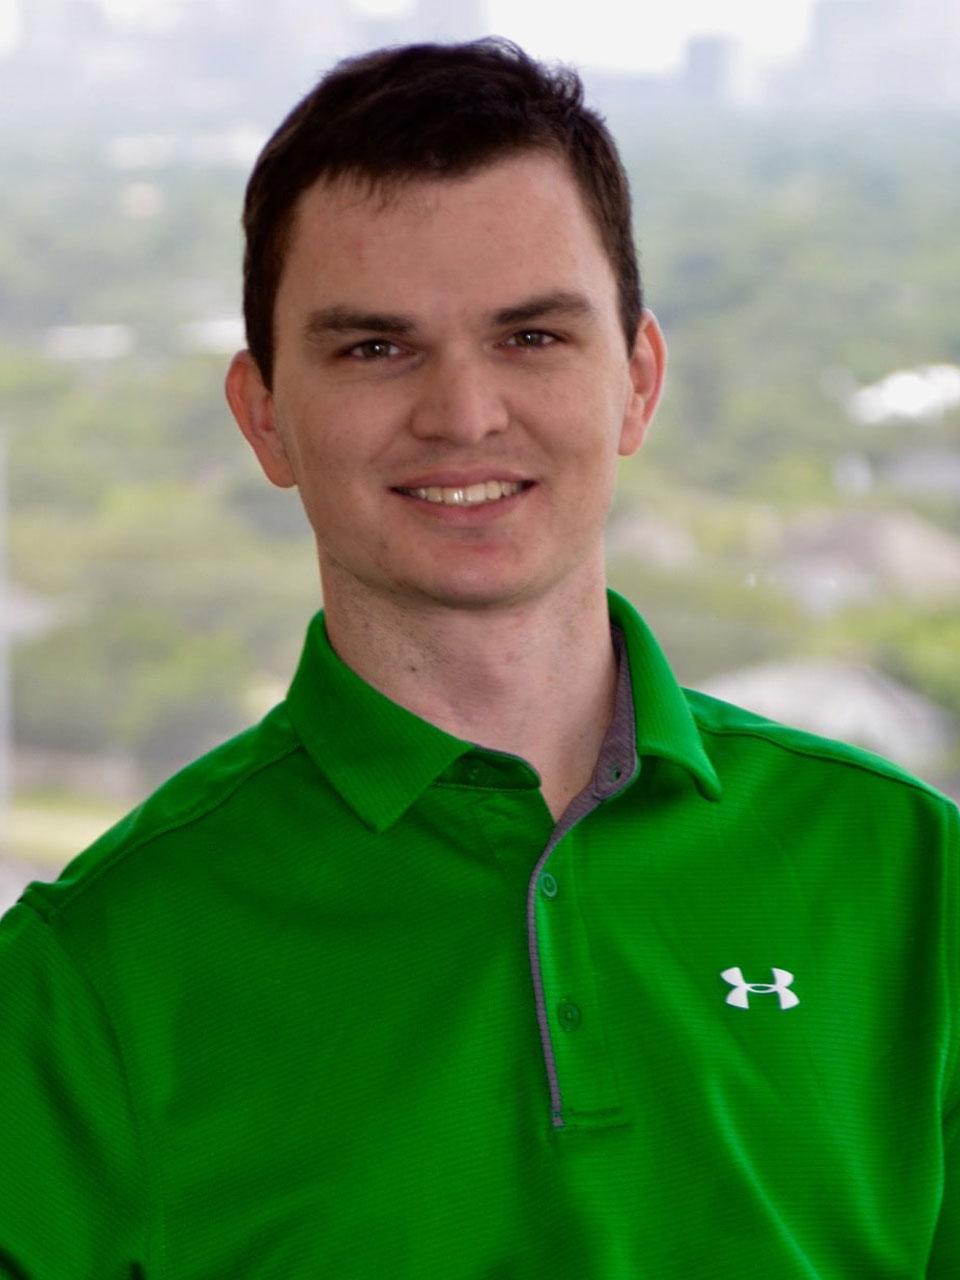 Nick Dalheim